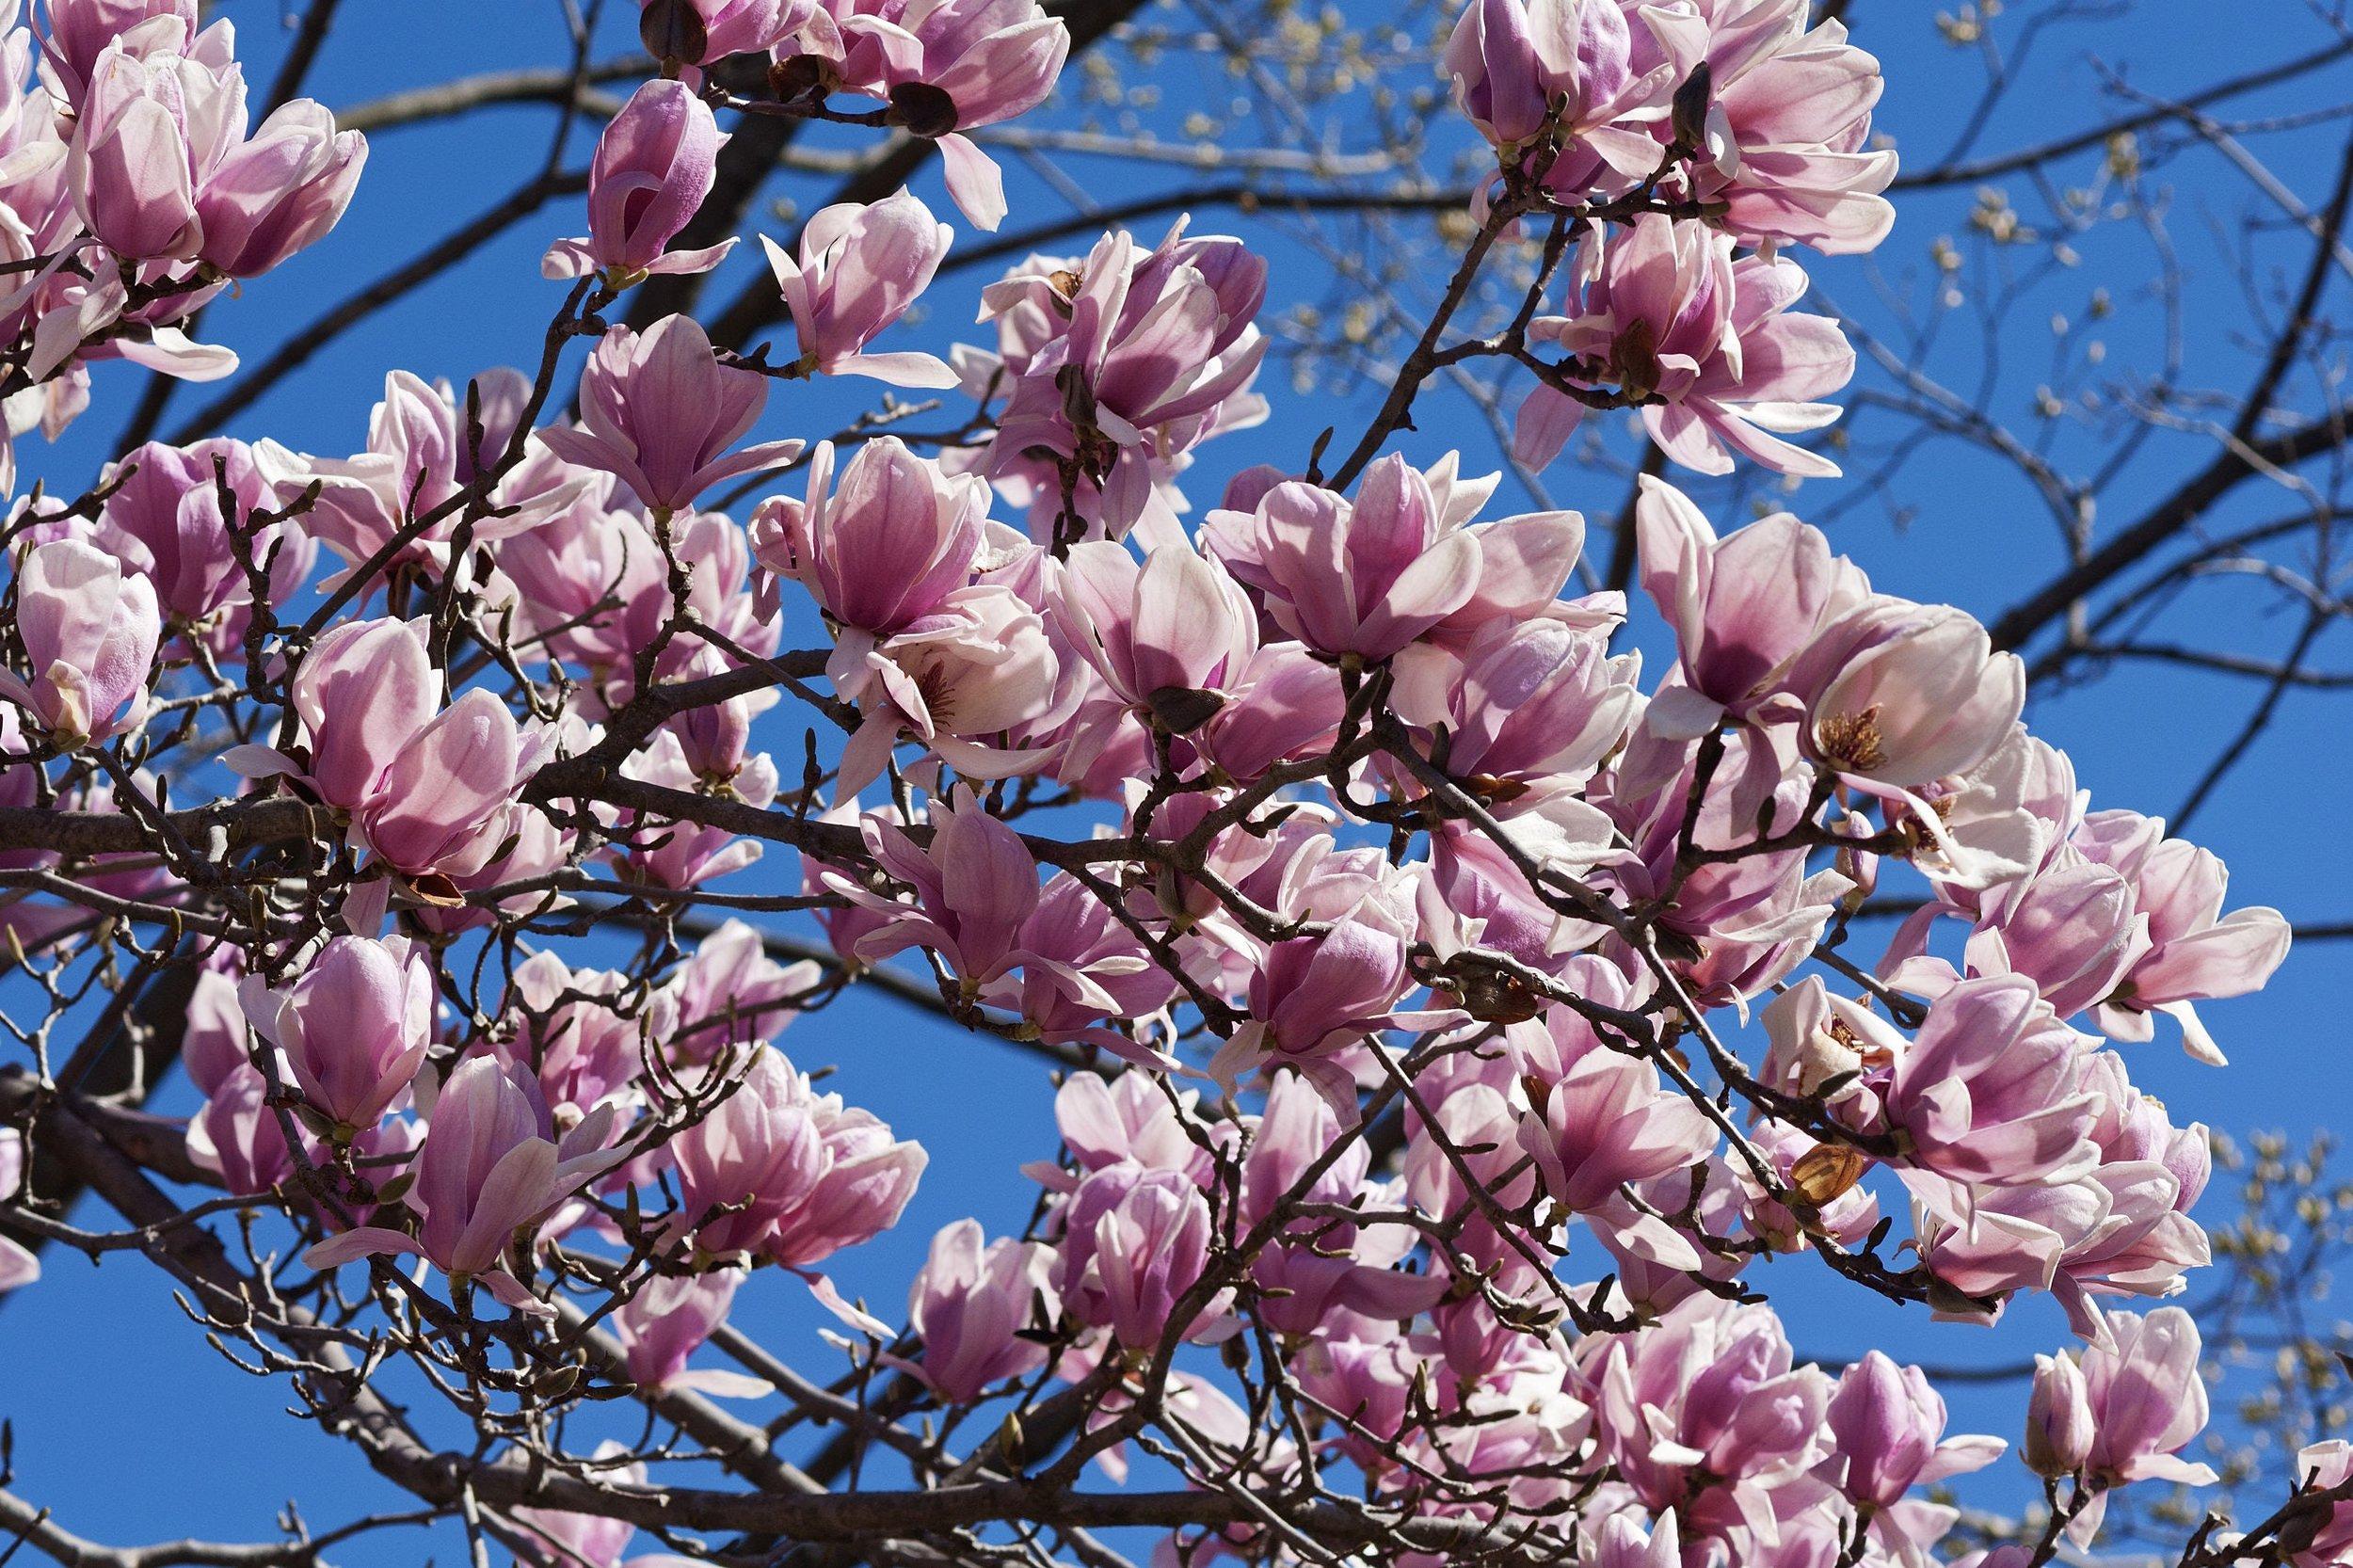 Magnolian blommar på bar kvist och är vårens första riktiga signal om att sommaren är på väg. Foto: Shutterstock